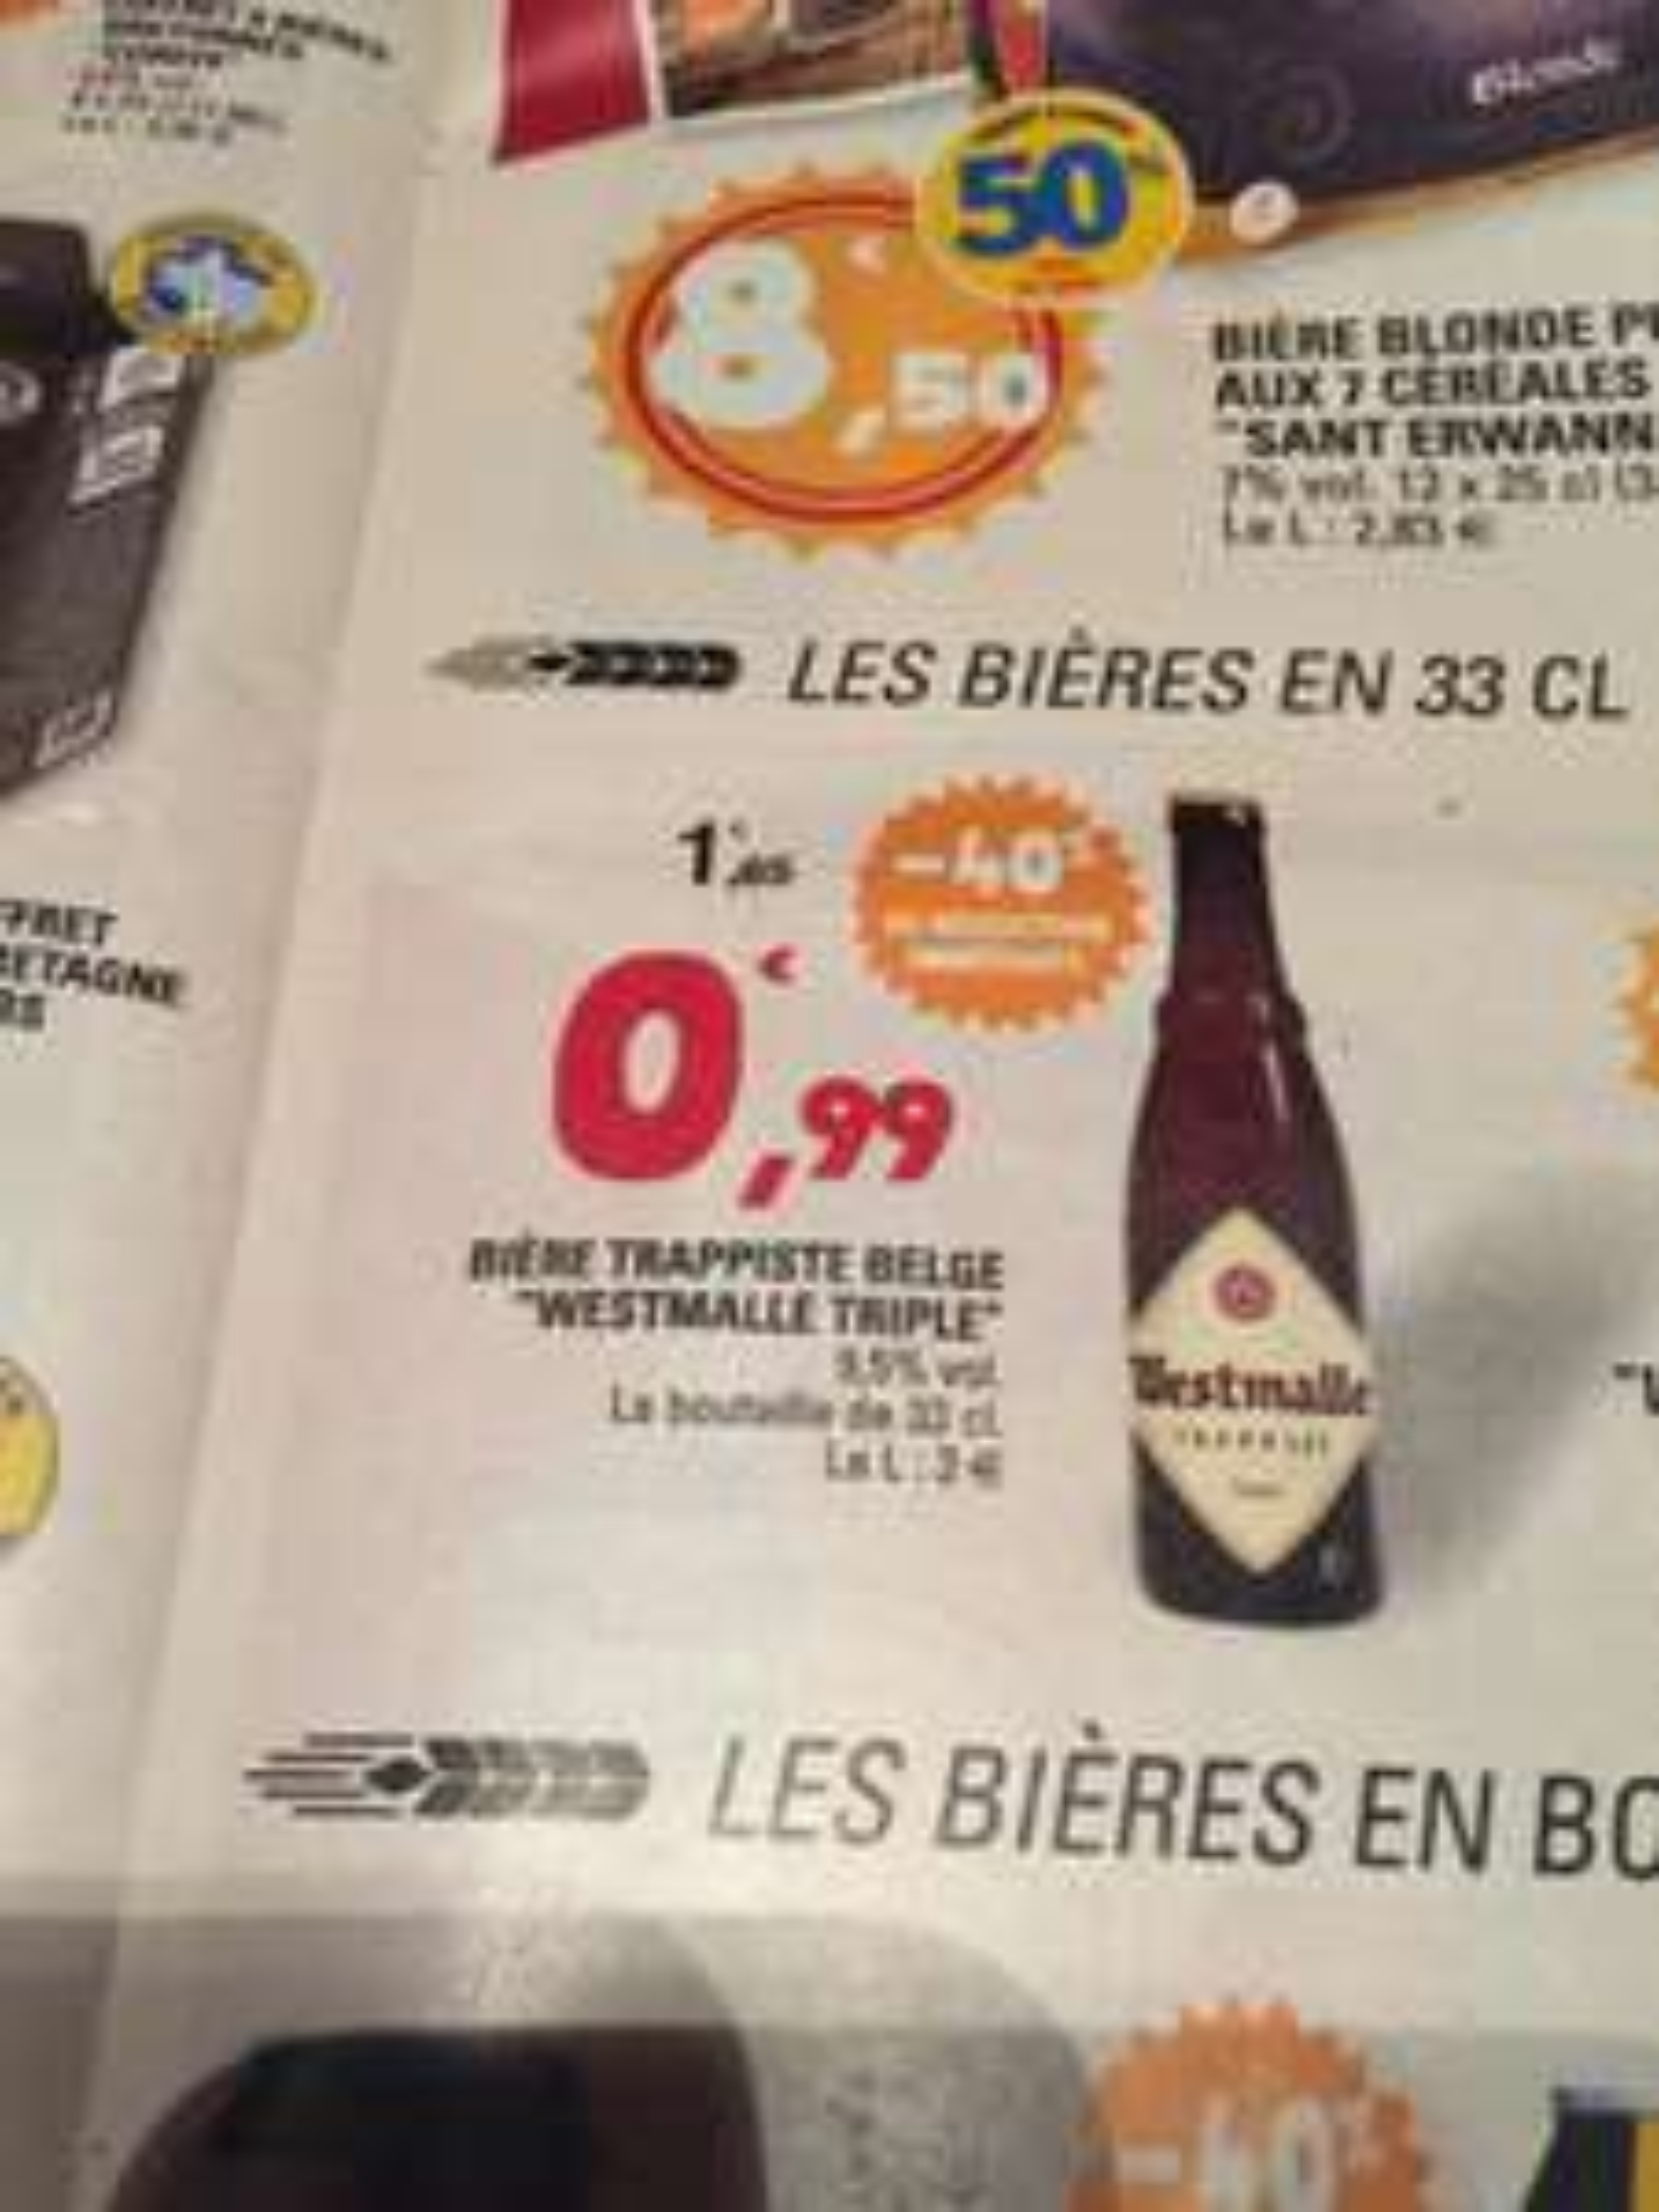 Bouteille de 33 cL de Bière Trappiste Belge Westmalle Triple